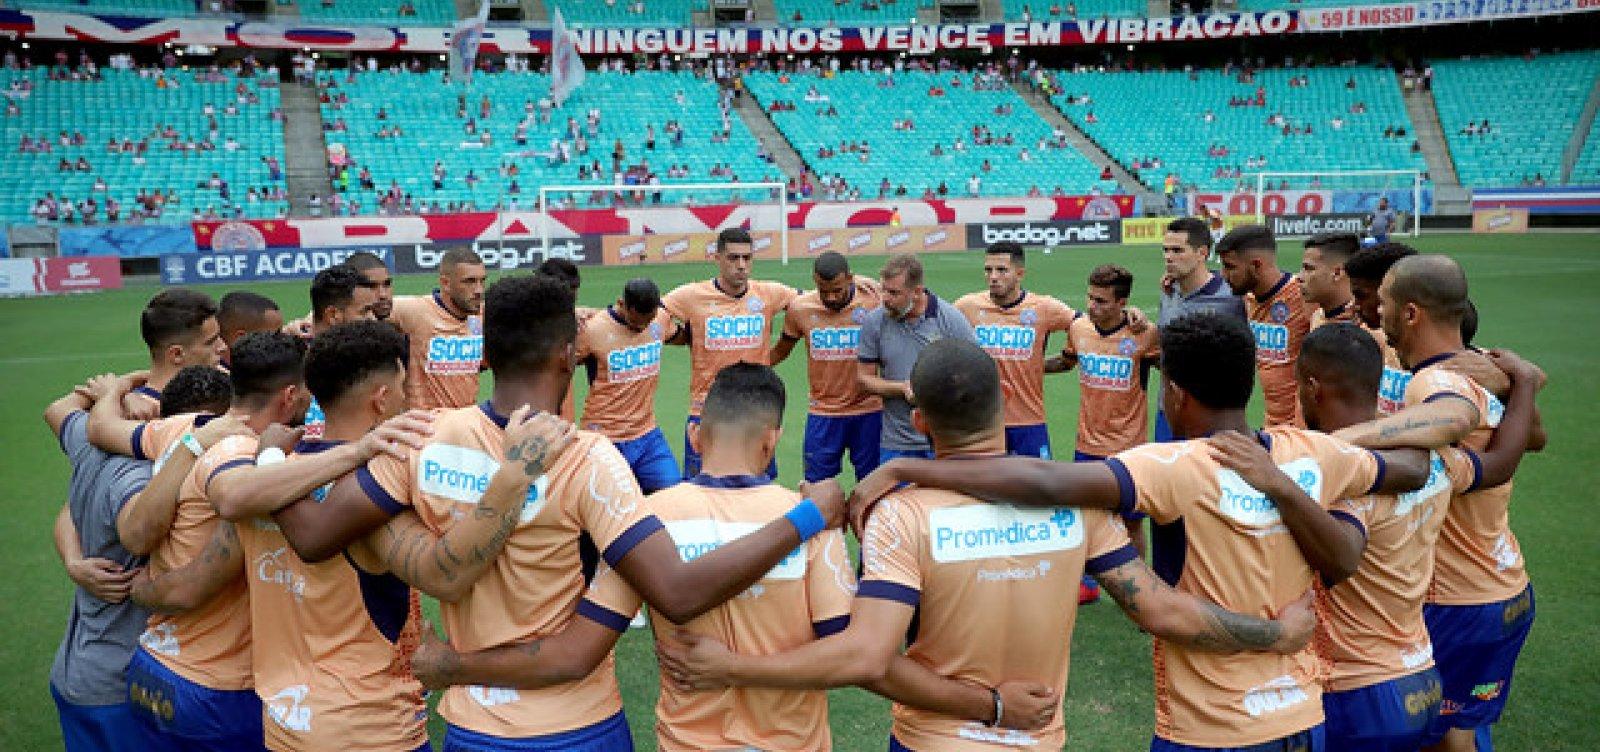 [CBF divulga tabela da Série A; Bahia enfrenta o Corinthians na estreia]